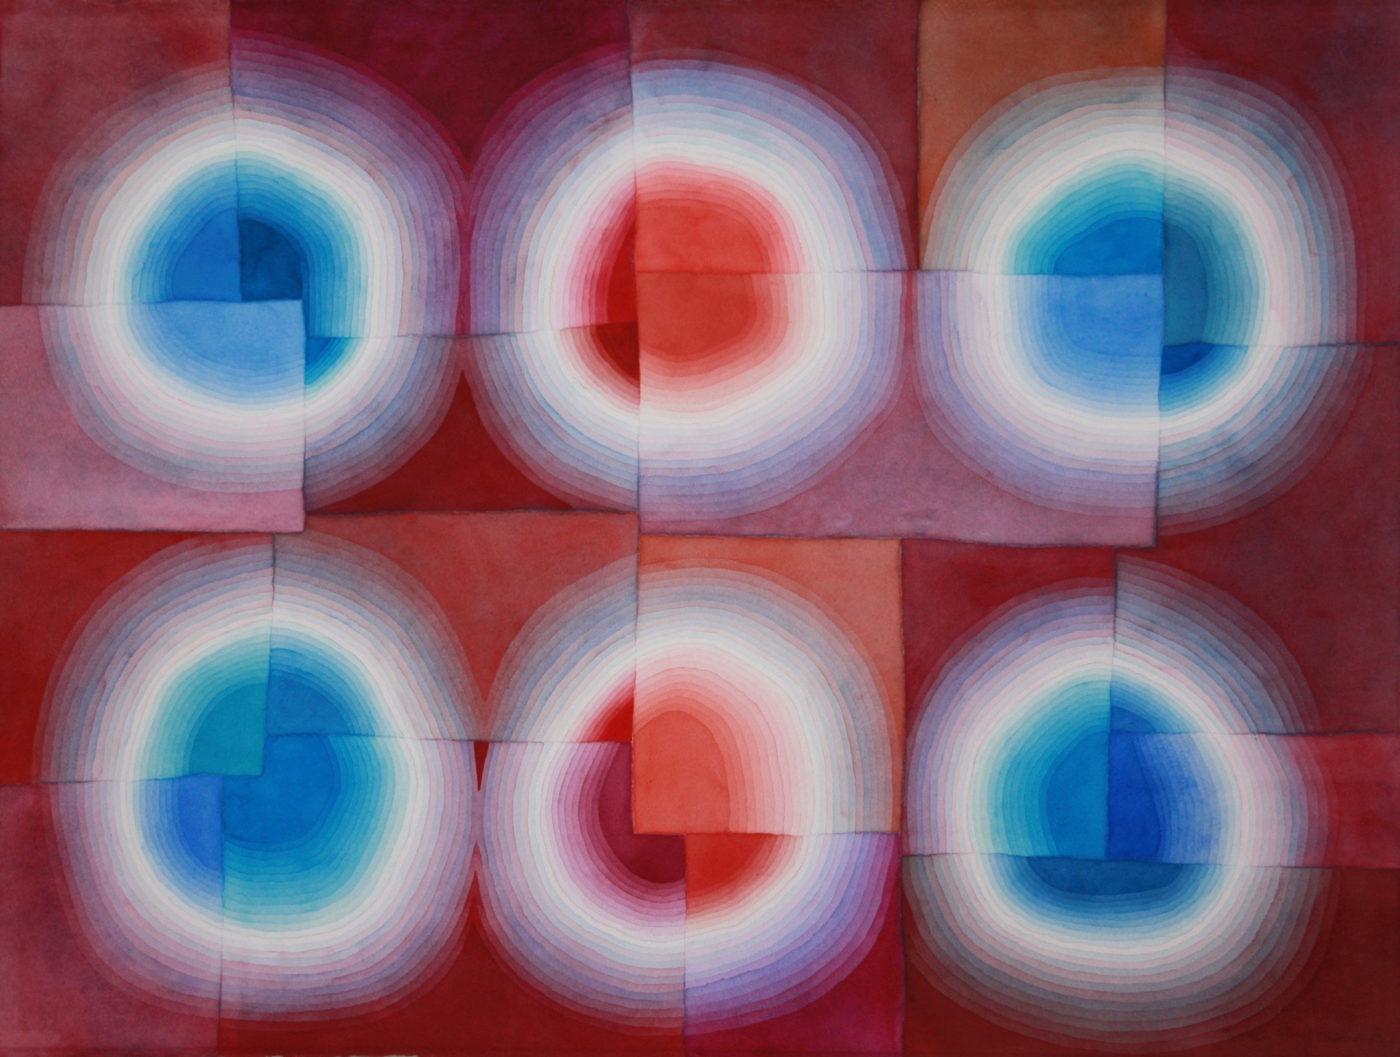 Light Rings Red/Blue